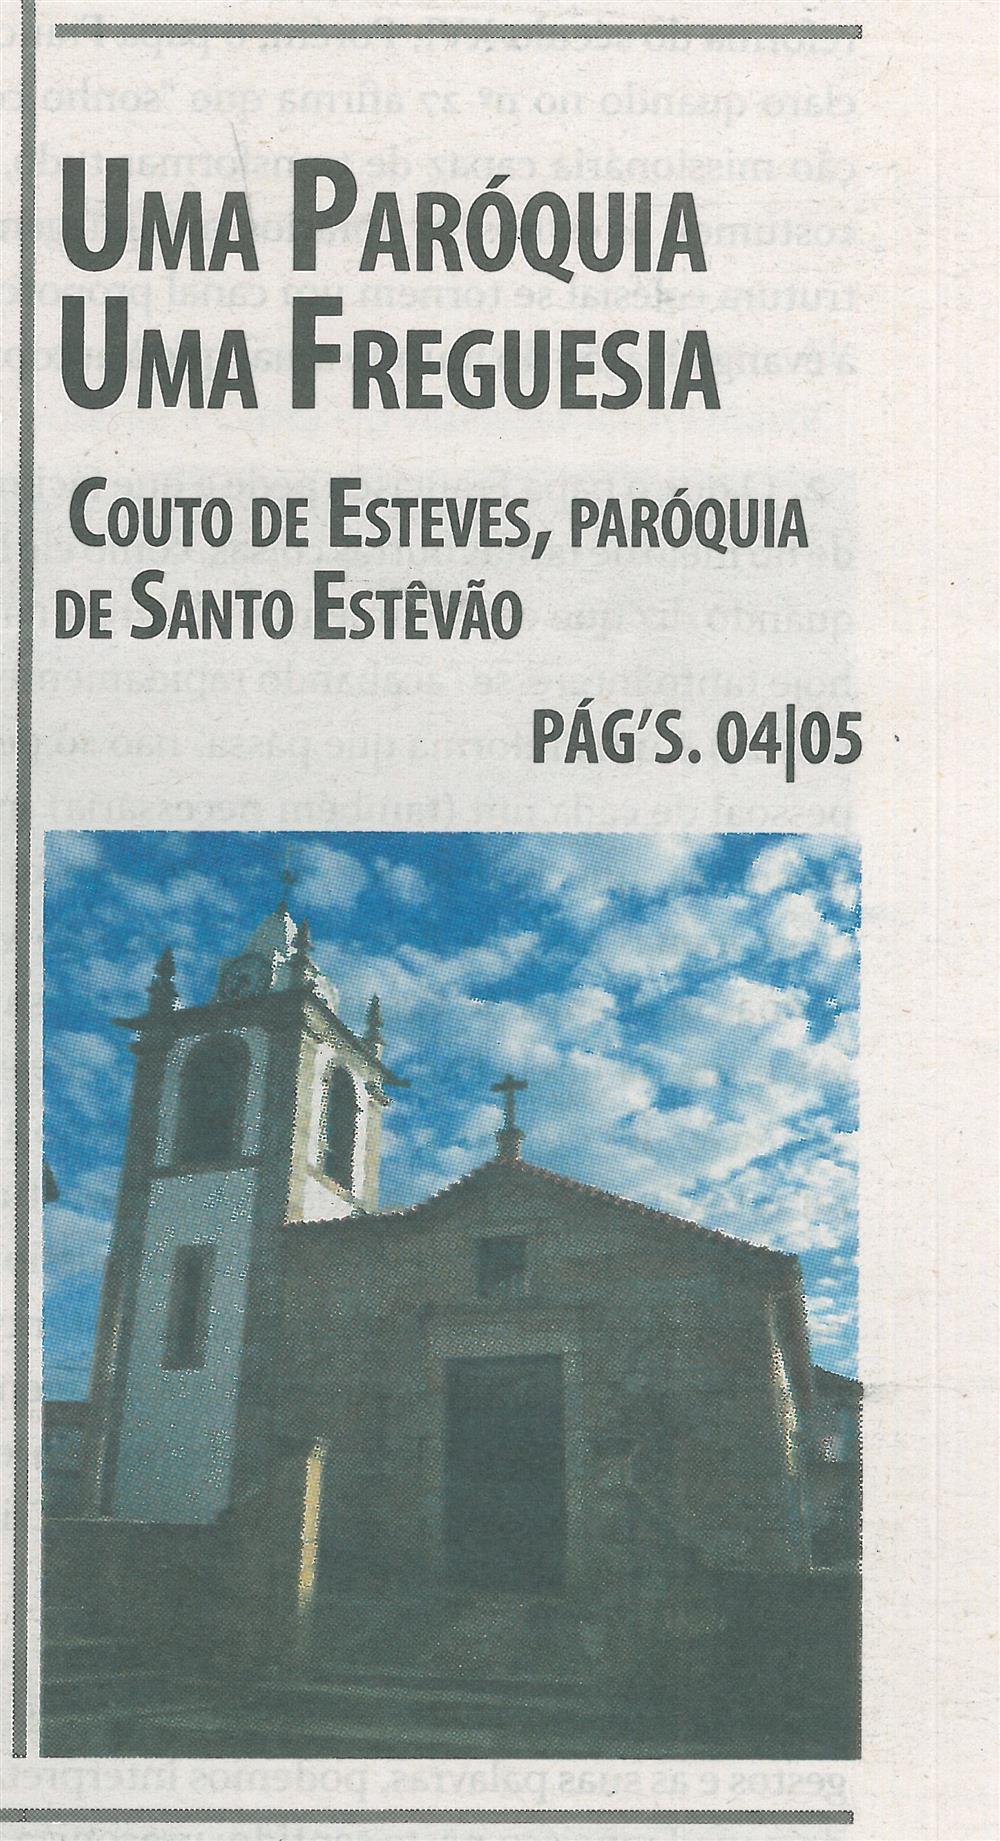 TV-dez.'15-p.1-Couto de Esteves : Paróquia de Santo Estêvão : uma Paróquia : uma Freguesia.jpg